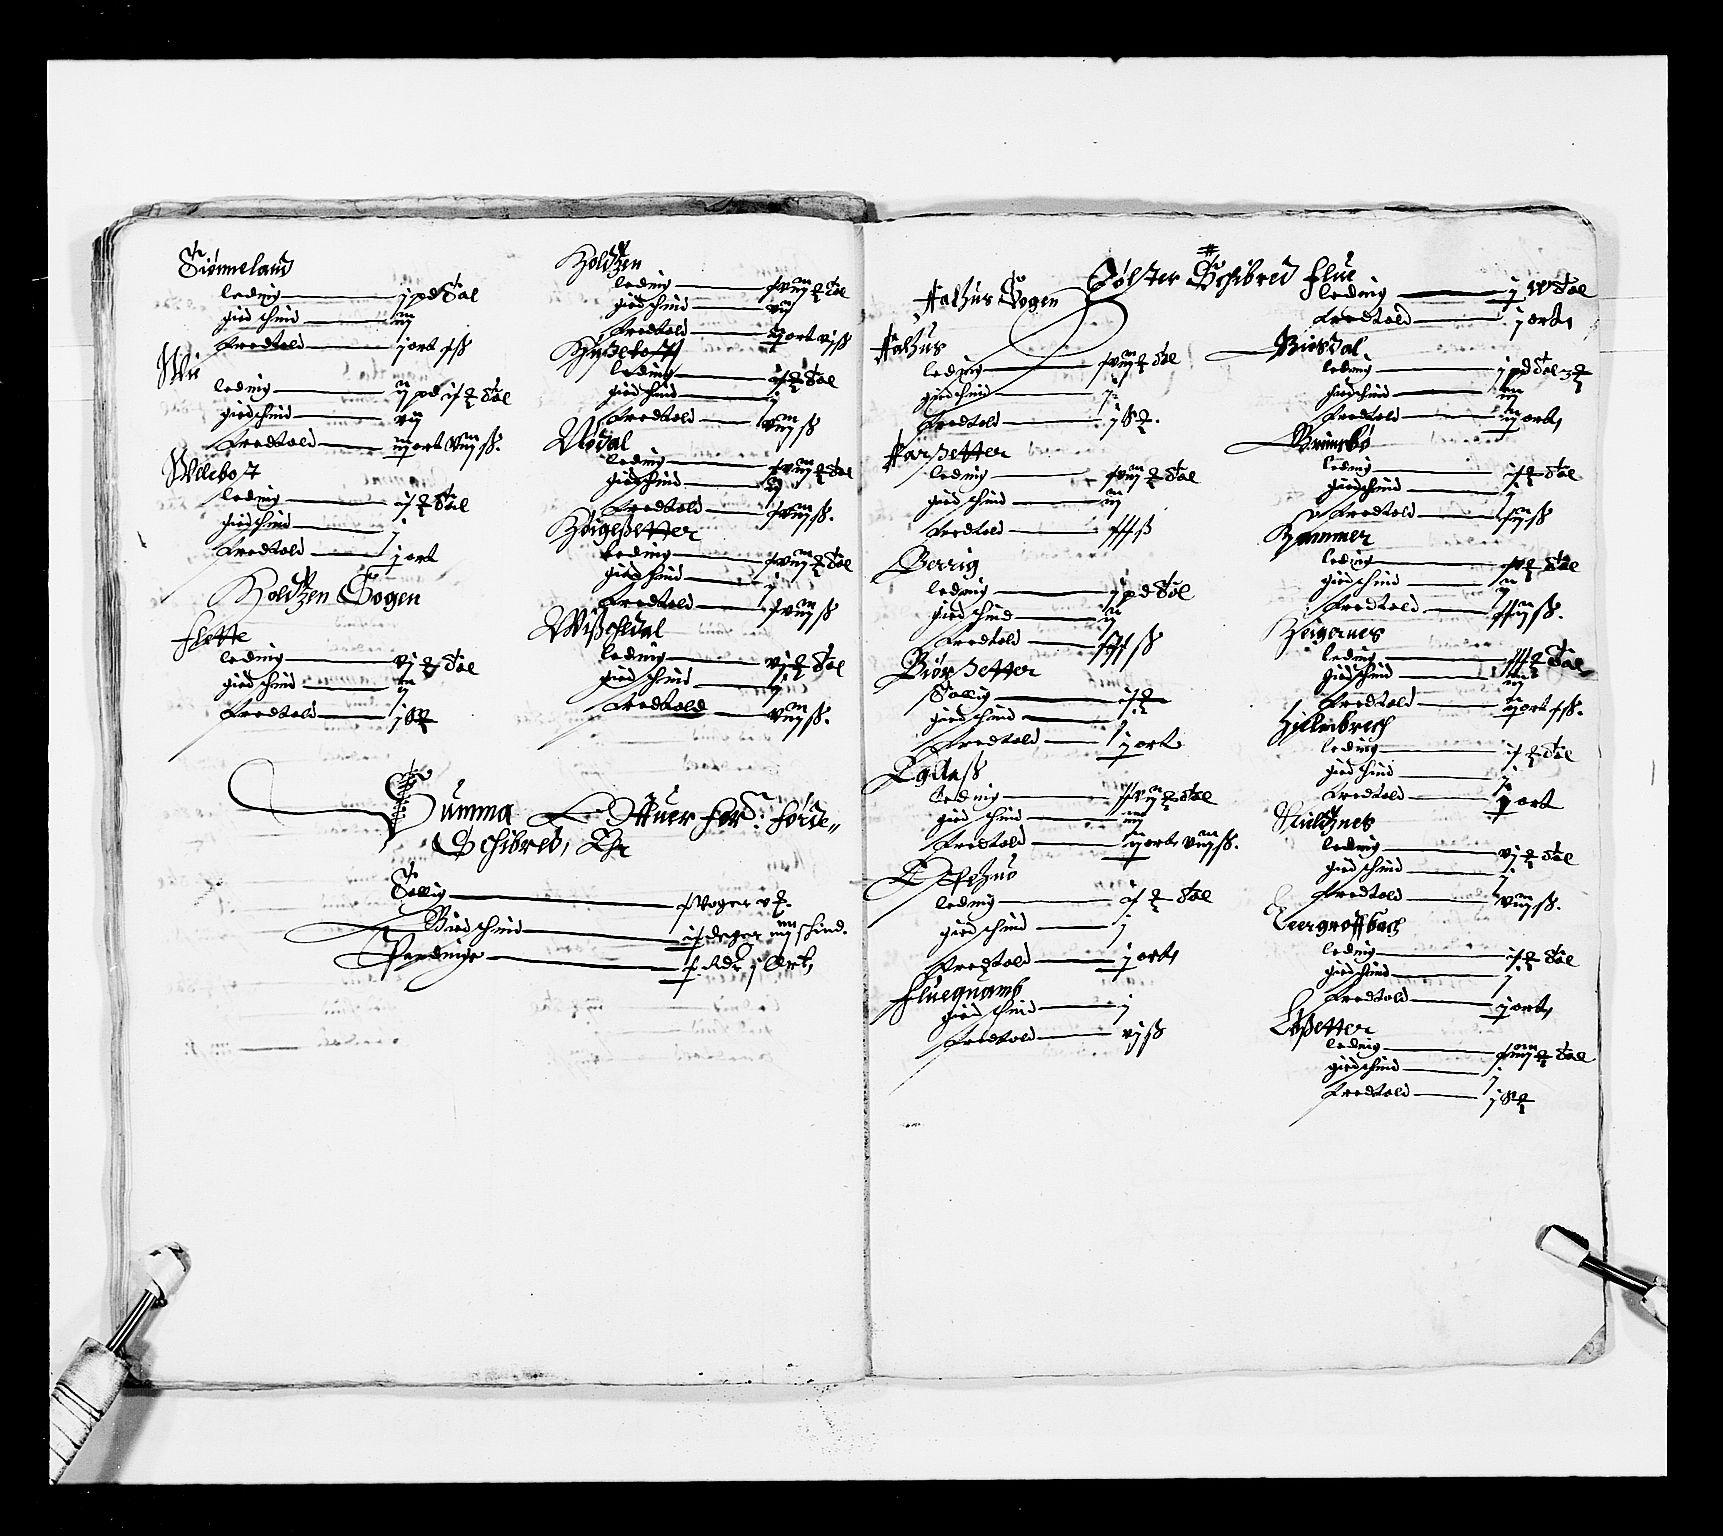 RA, Stattholderembetet 1572-1771, Ek/L0025: Jordebøker 1633-1658:, 1645-1646, s. 171